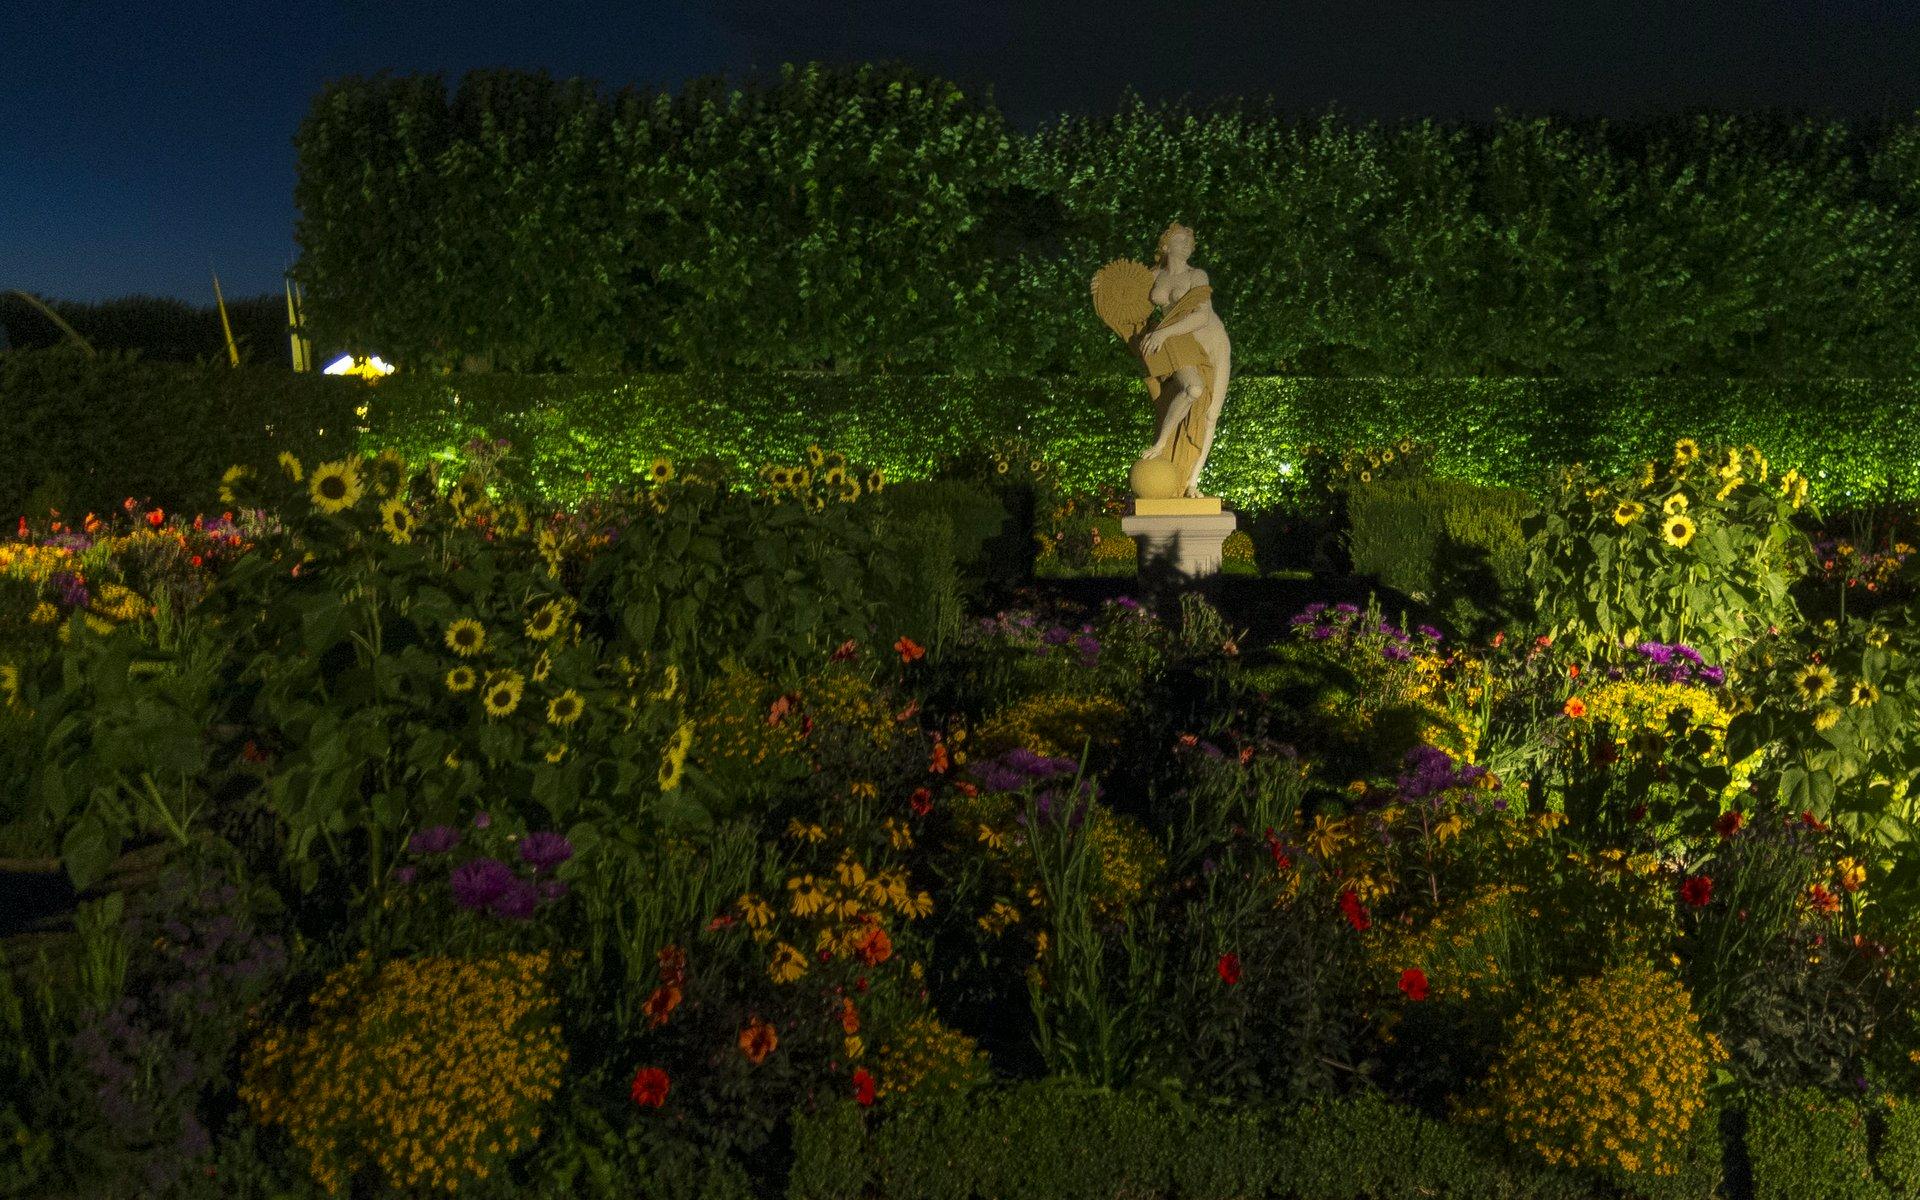 Illumination: niederdeutscher Blumengarten